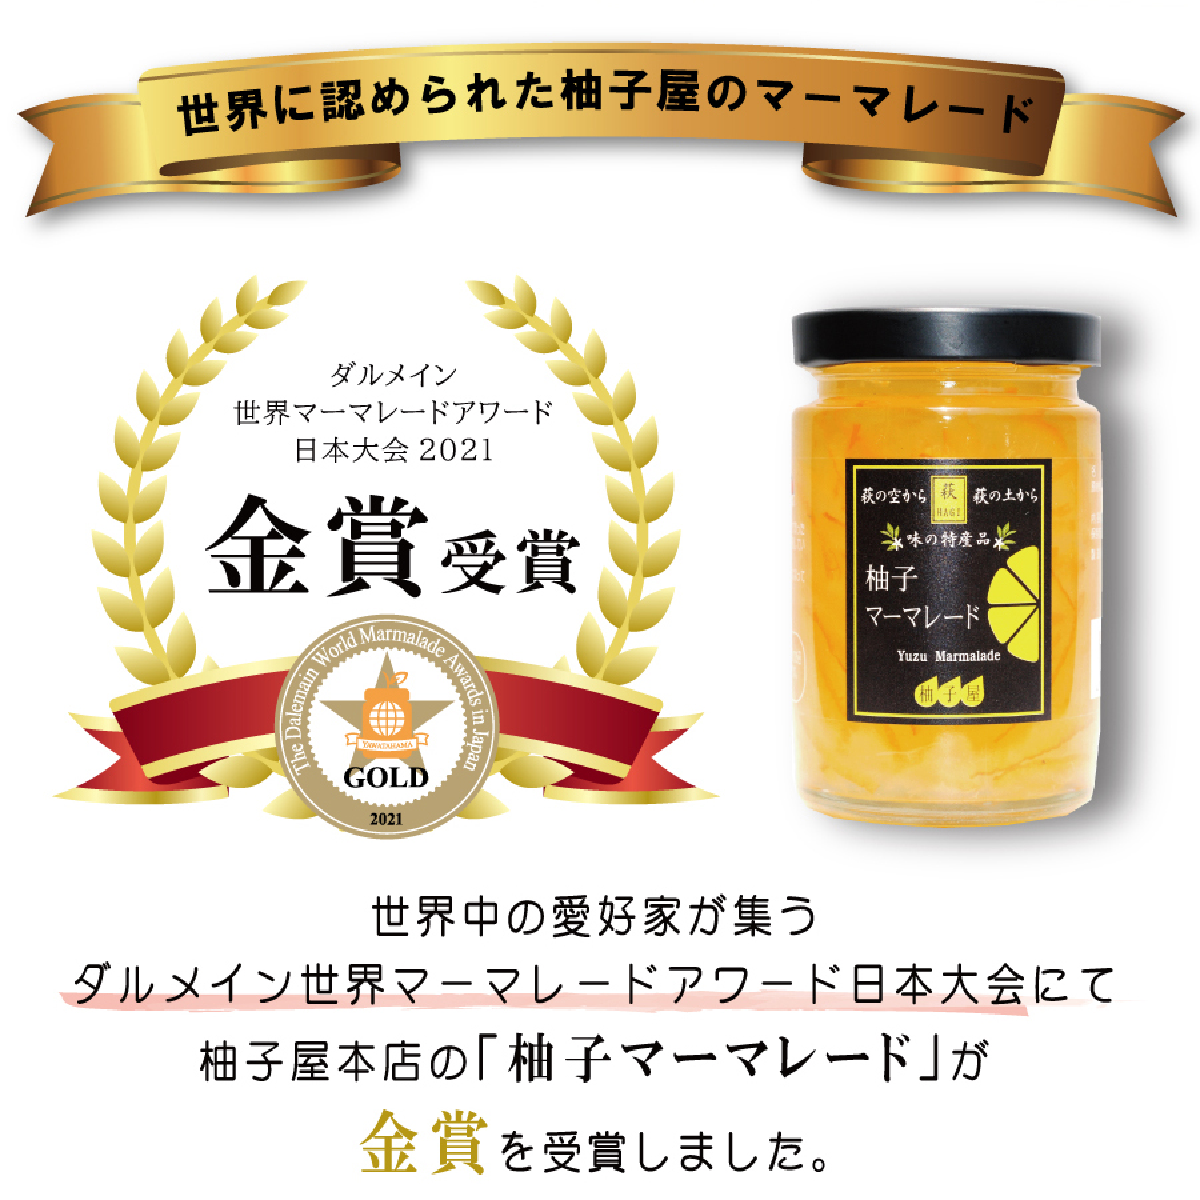 柚子屋の柚子マーマレードが金賞受賞